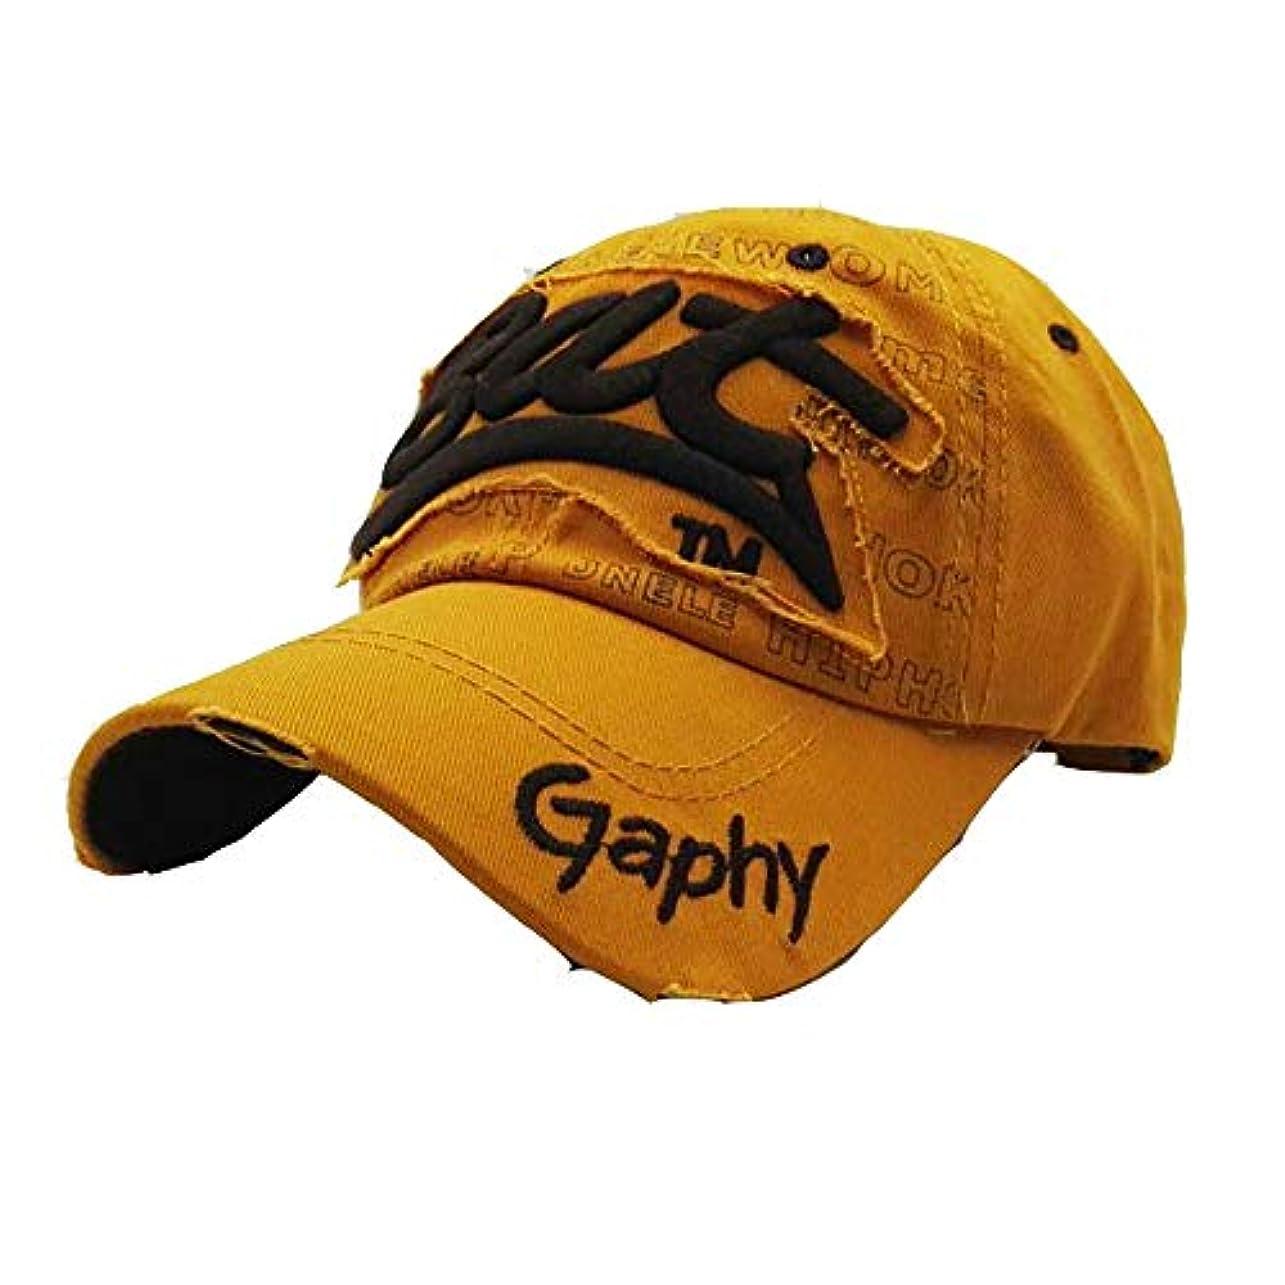 破壊カプセル直面するRacazing カモフラージュ 野球帽 ヒップホップ メンズ 夏 登山 帽子 迷彩 可調整可能 プラスベルベット 棒球帽 UV 帽子 UVカット軽量 屋外 Unisex 鸭舌帽 Hat Cap